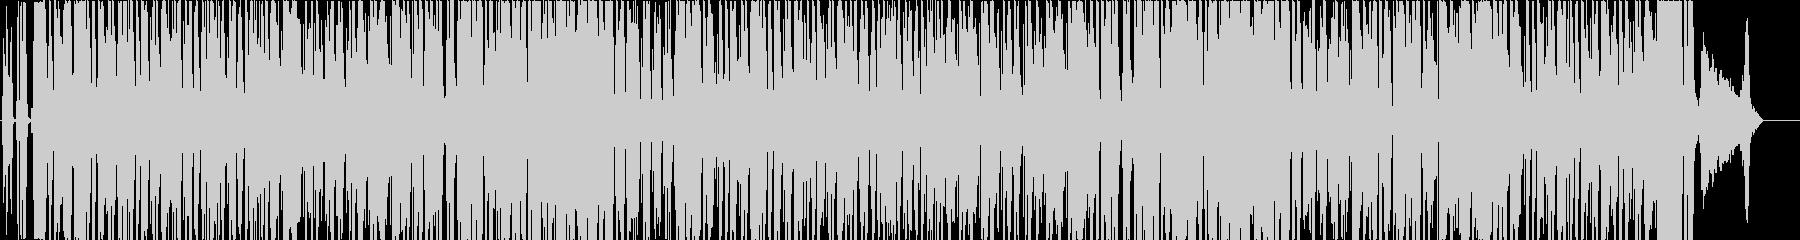 ピーキャン音頭の未再生の波形